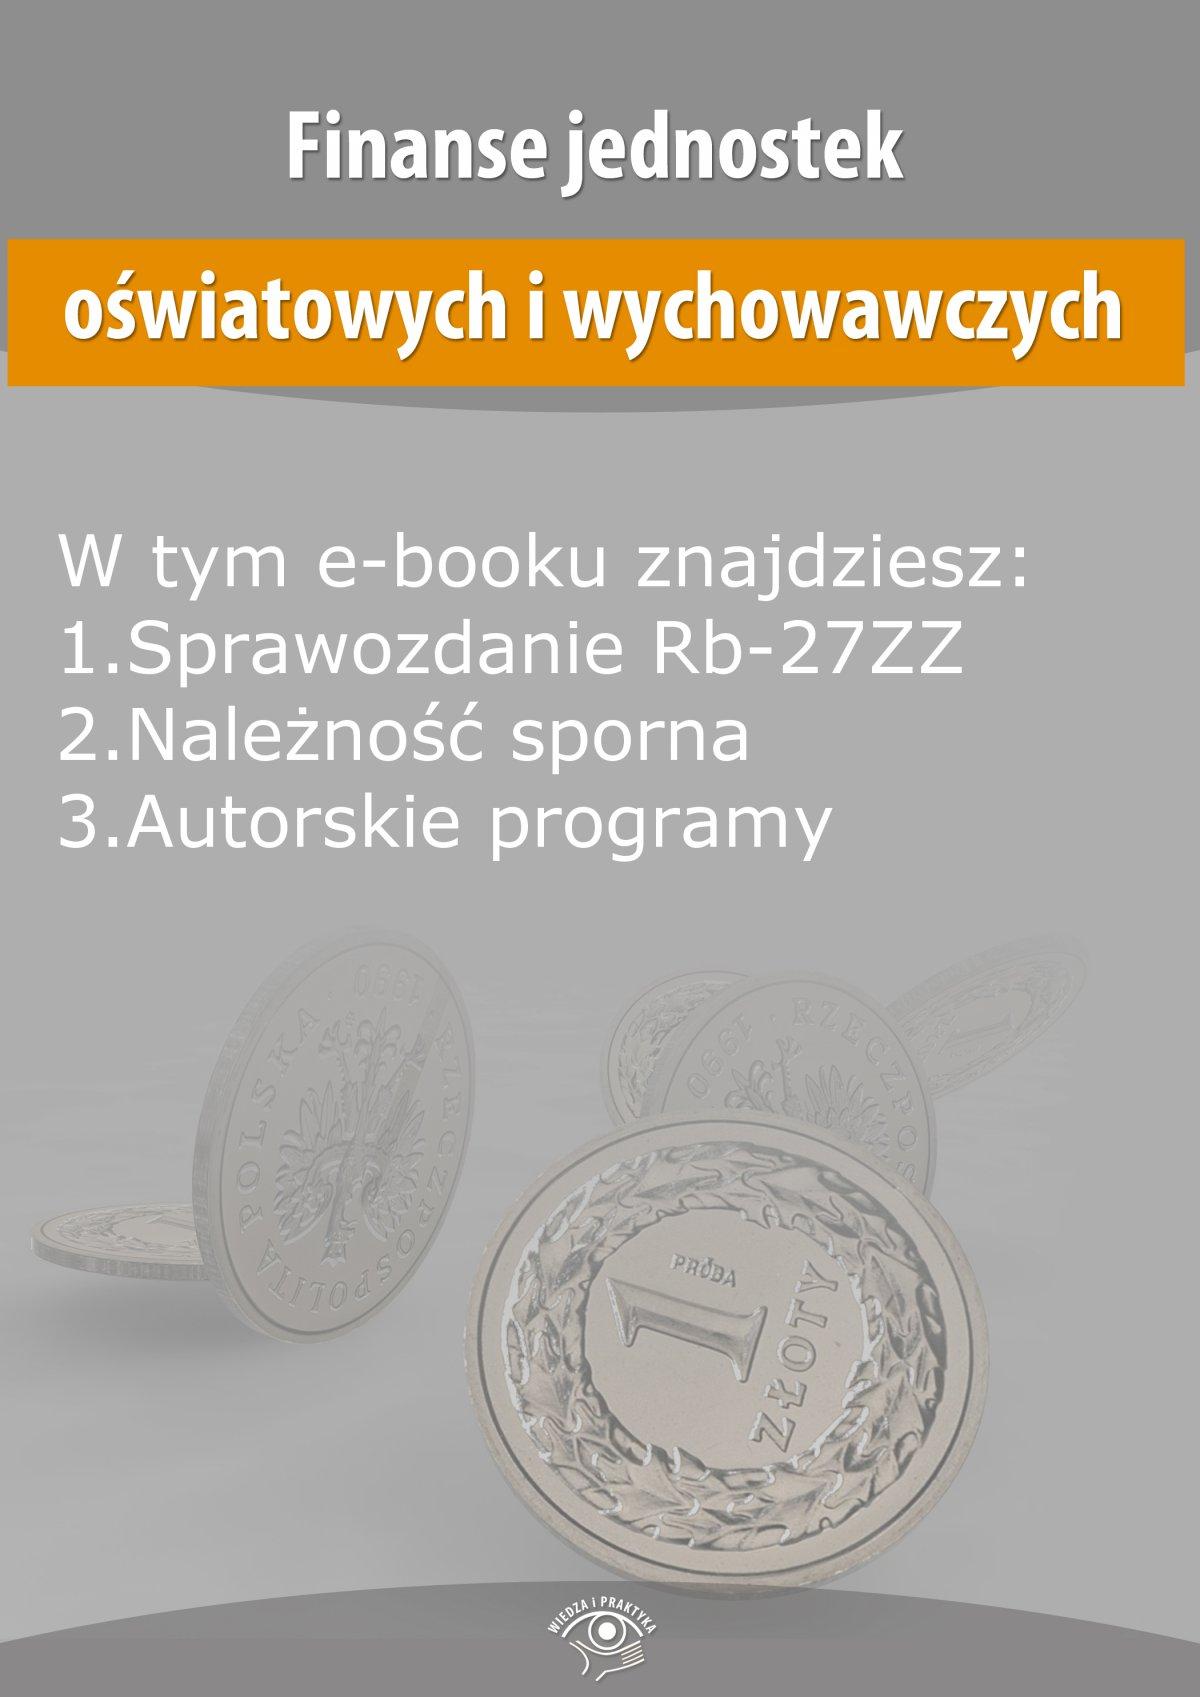 Finanse jednostek oświatowych i wychowawczych, wydanie czerwiec 2014 r. - Ebook (Książka EPUB) do pobrania w formacie EPUB